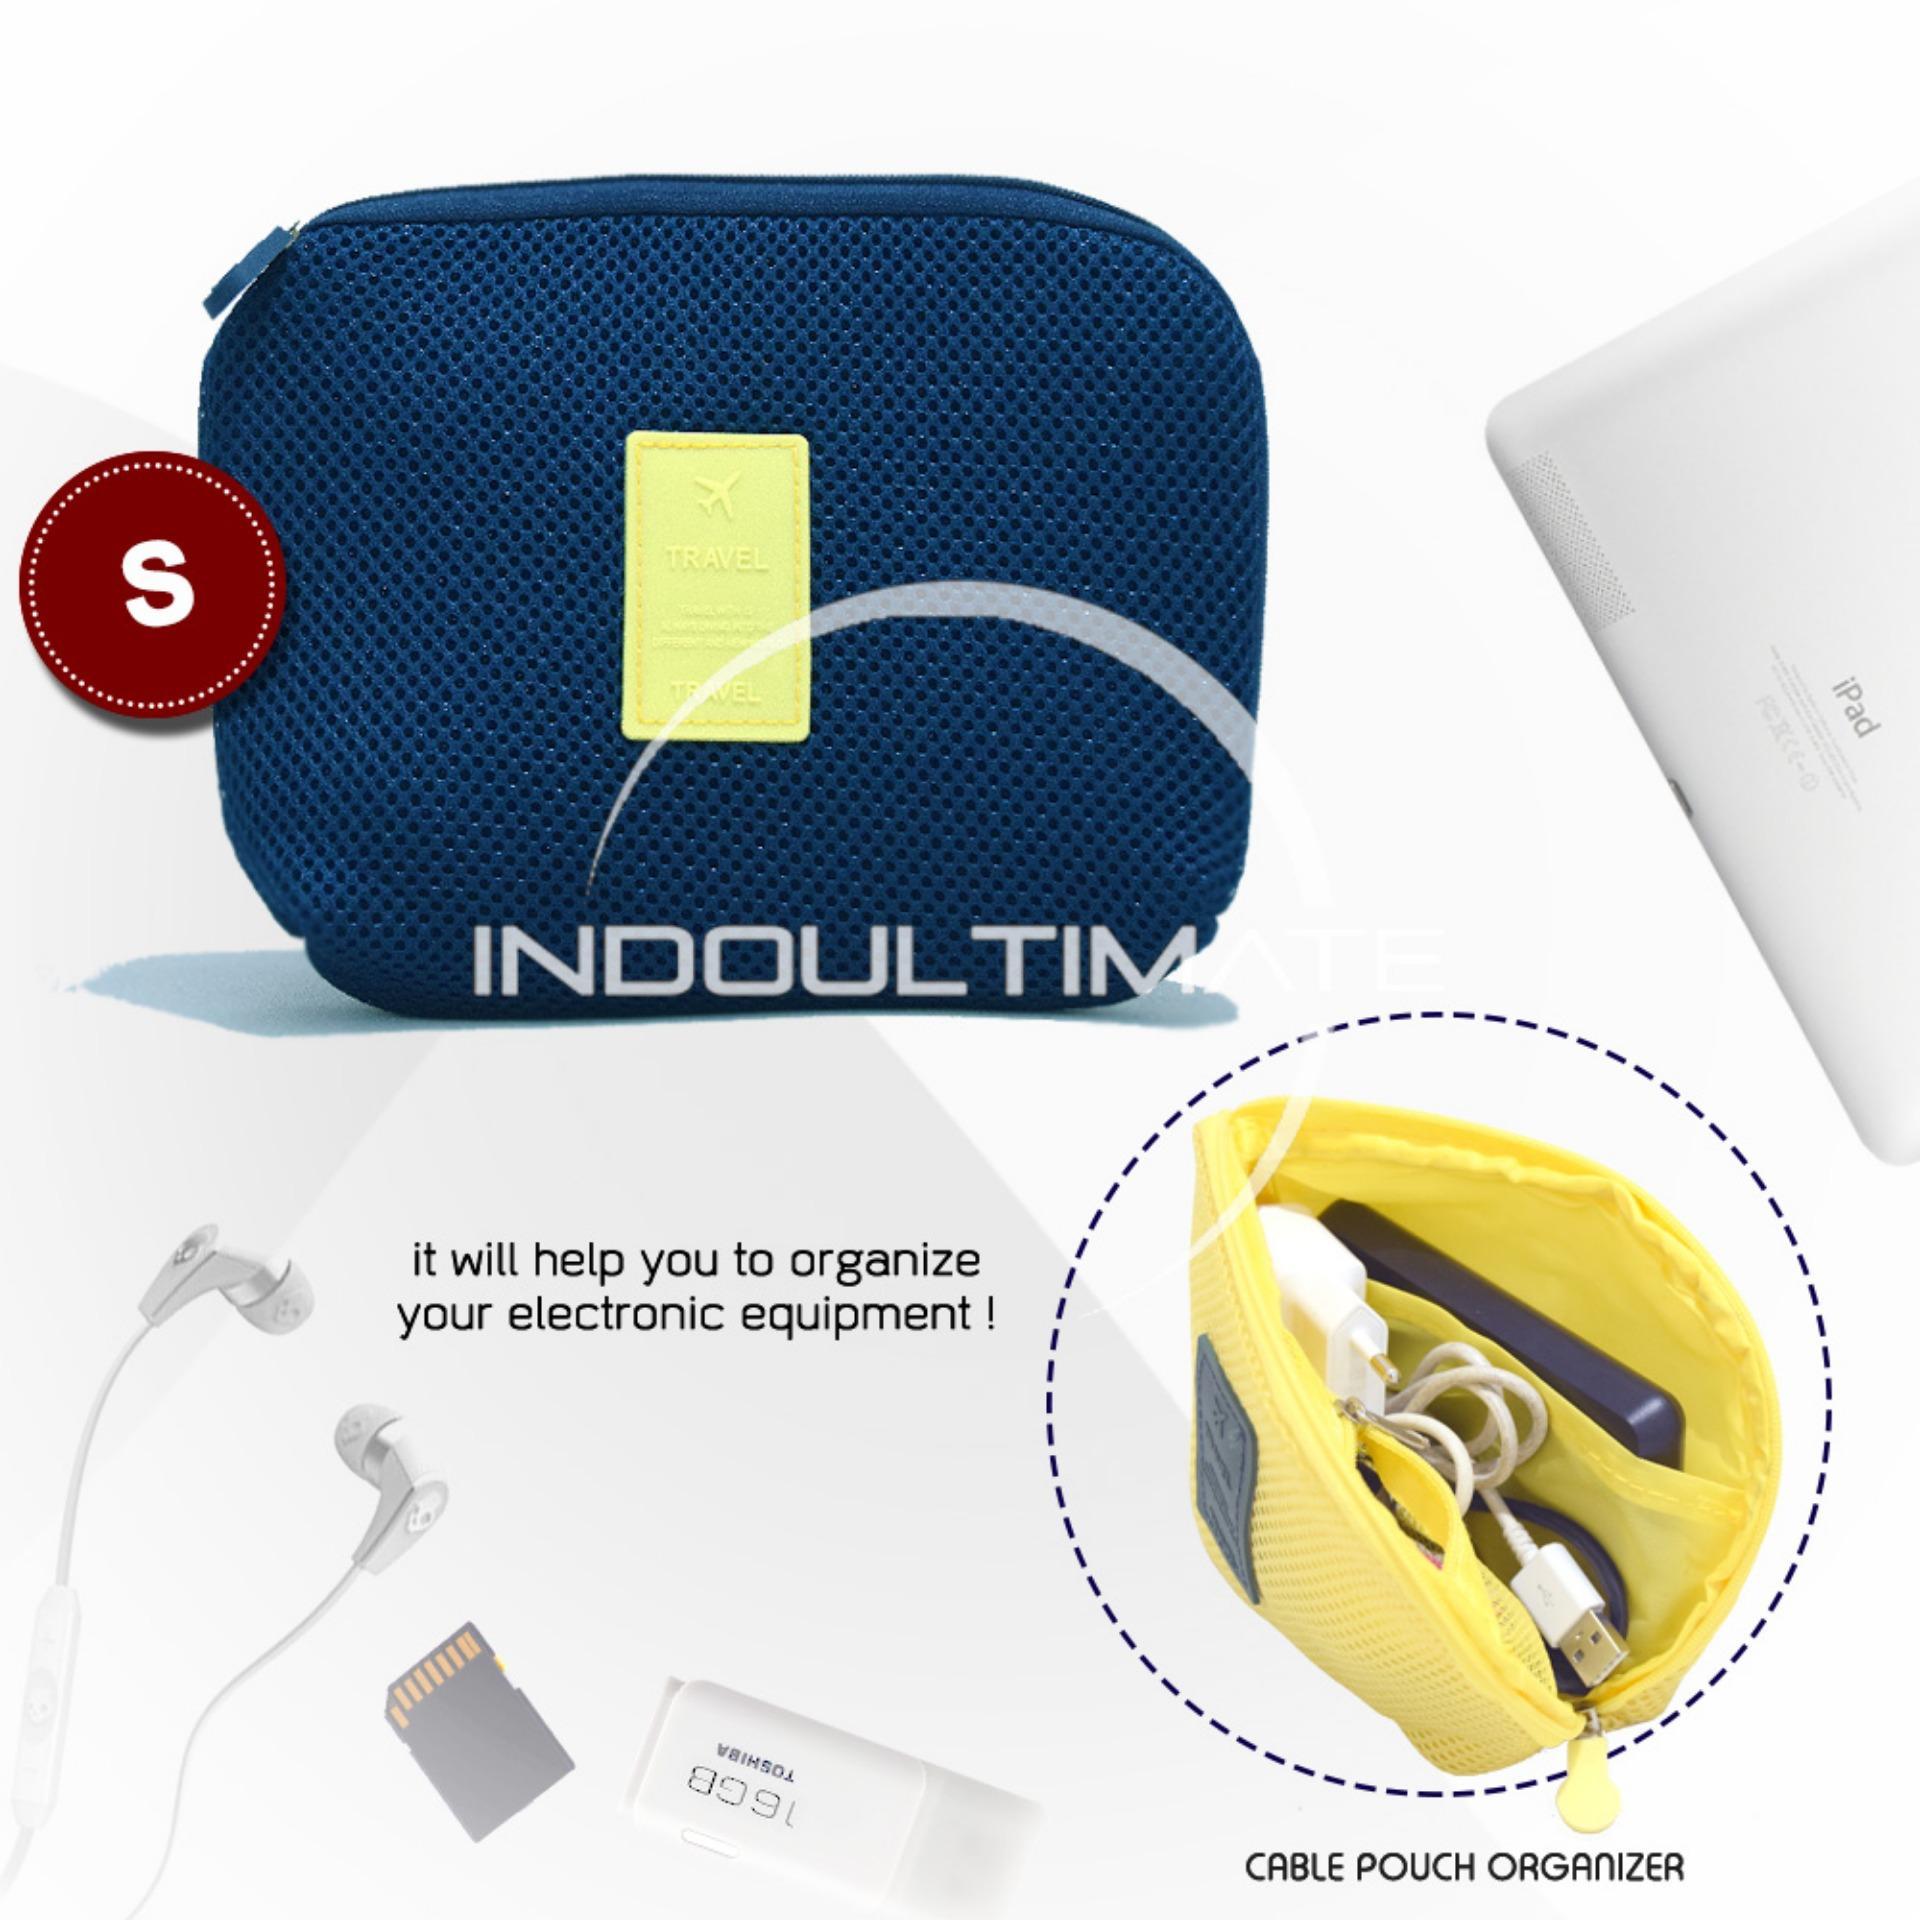 Ultimate Polo Tas Pria Laptop Backpack Waterproof JS-0850 - Black / Tas Sekolah Anak Cowok Cewek / Tas Korea Import / Tas Batam Murah Branded / Tas Ransel ...